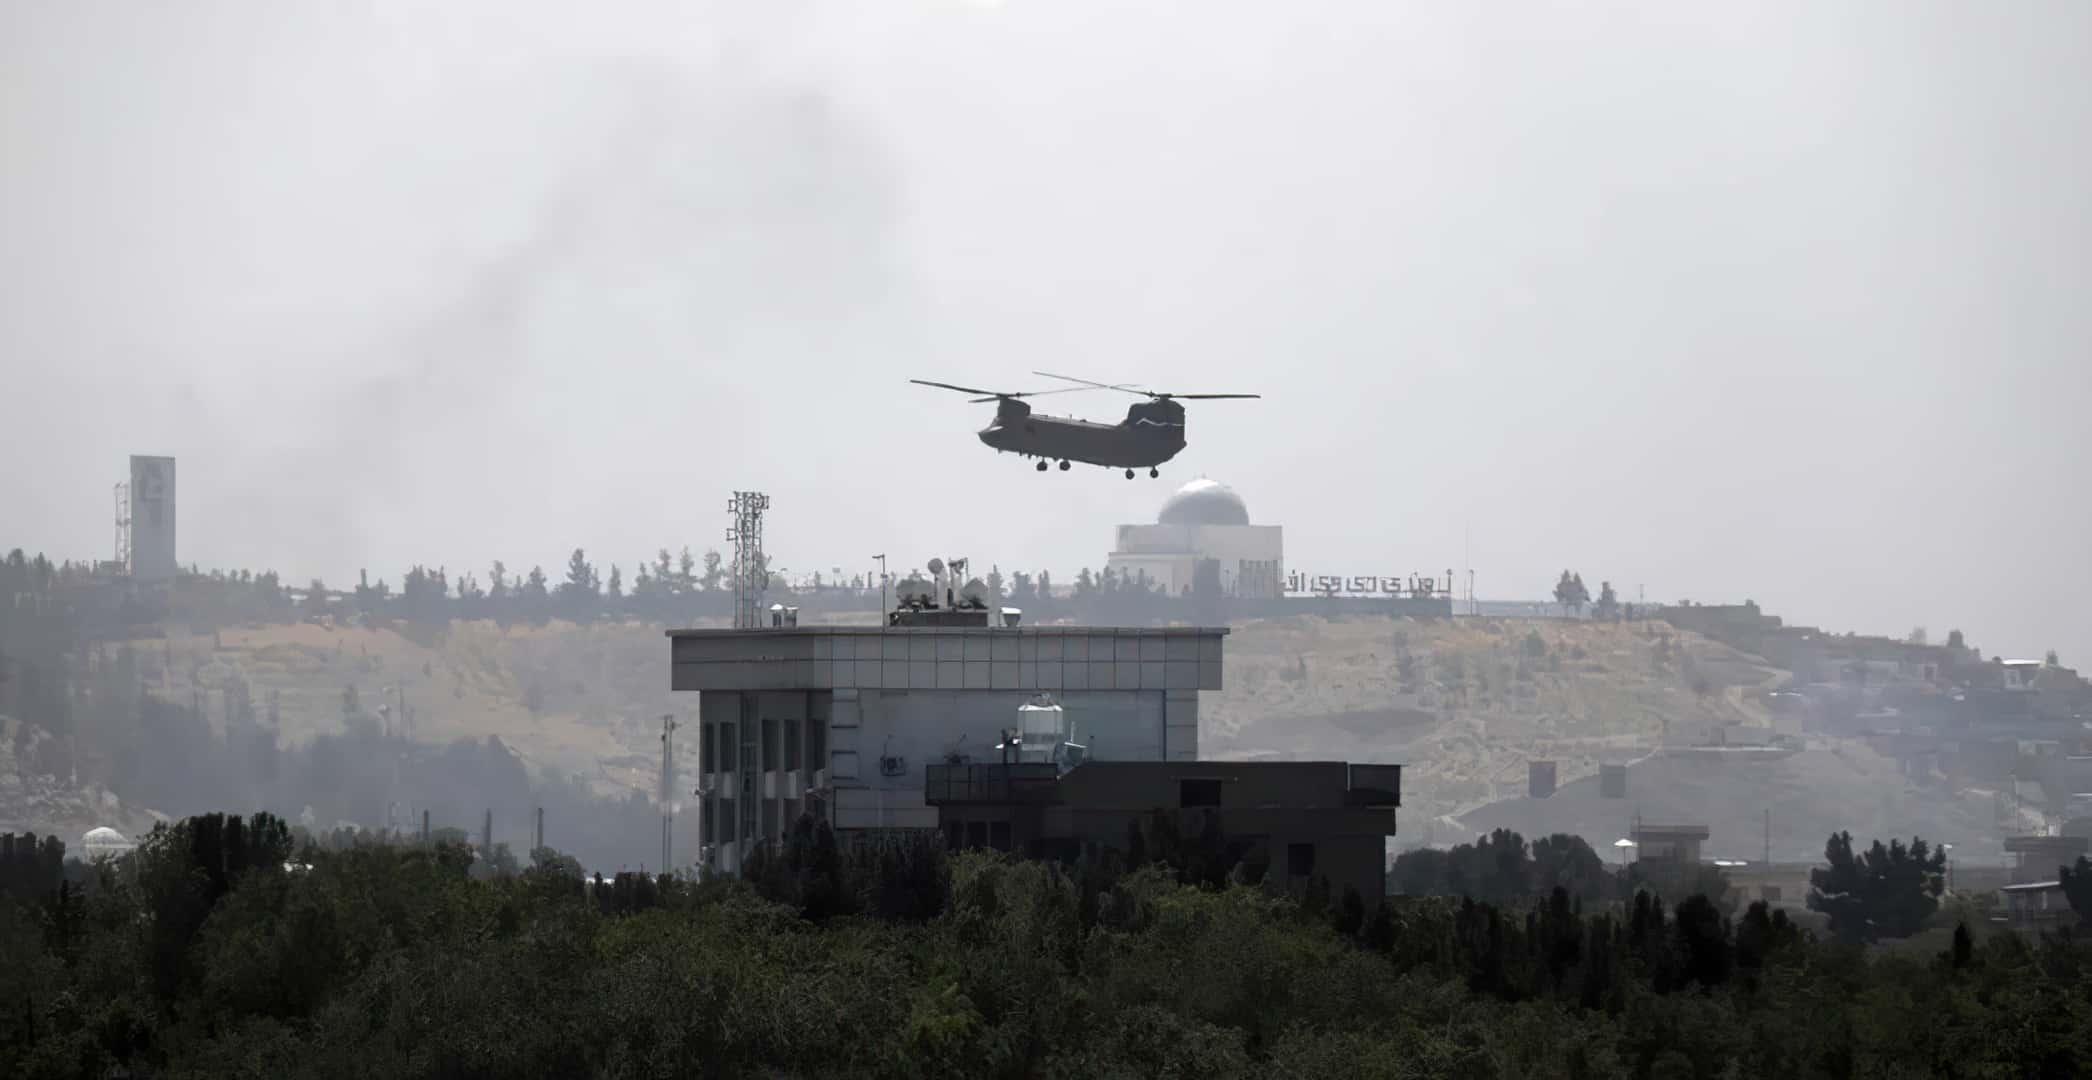 15 серпня 2021 року CH-46 над американським посольством в Кабулі, Афганістан